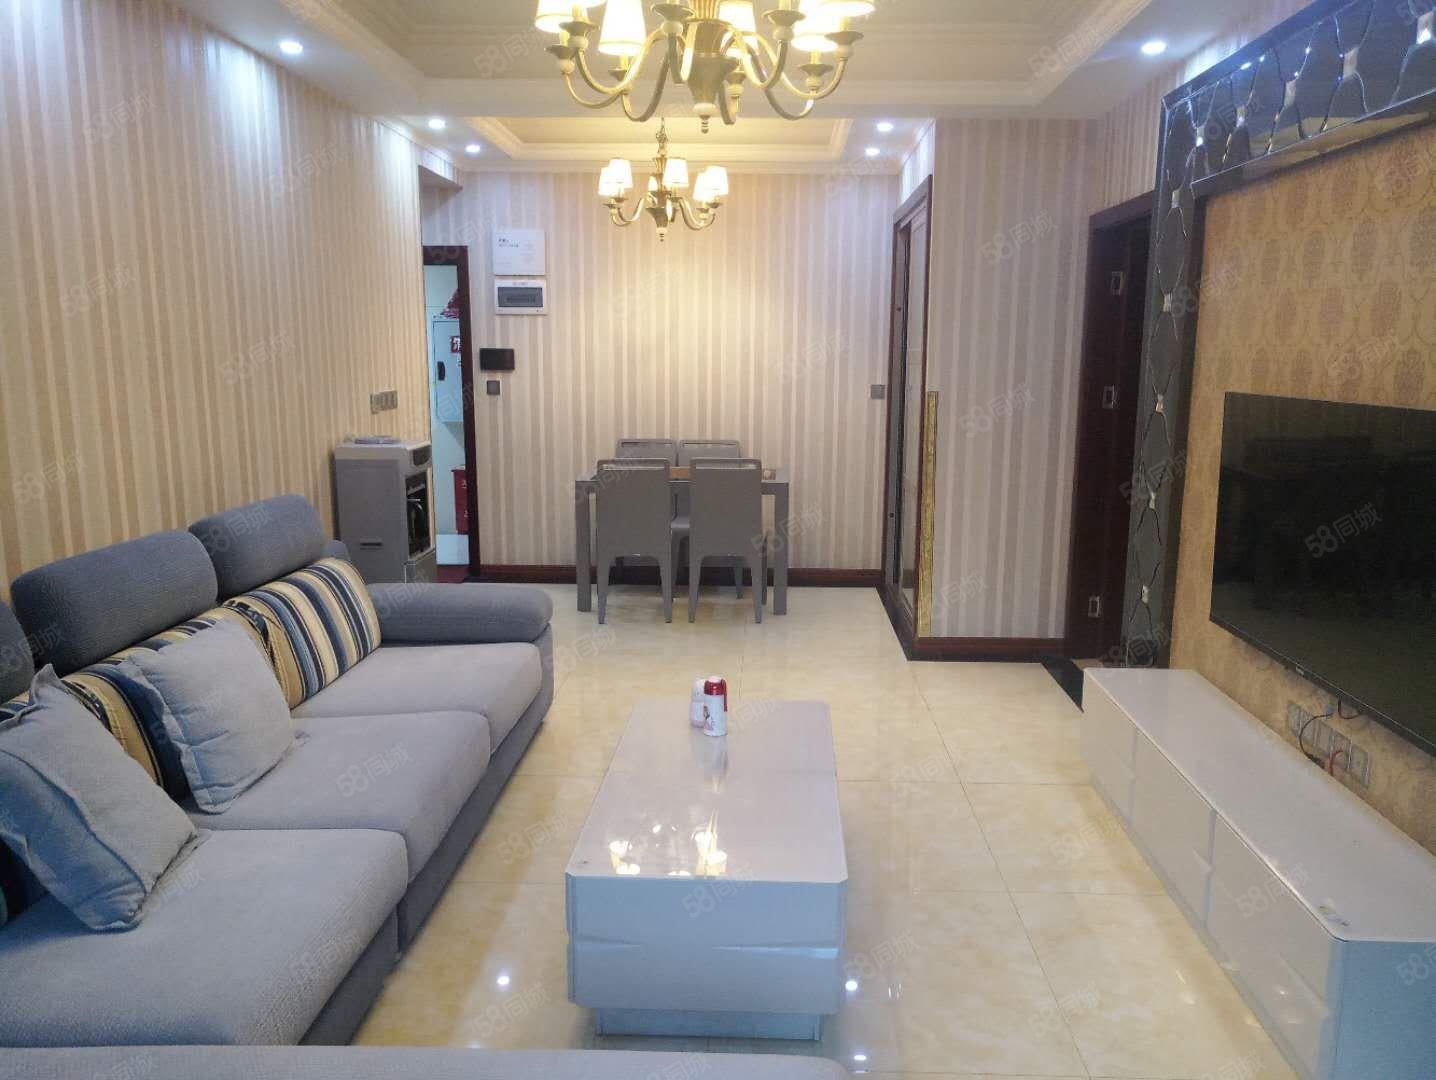 滨江国际精装房一套未入住,2室,户型好,单价?#36824;?000多,